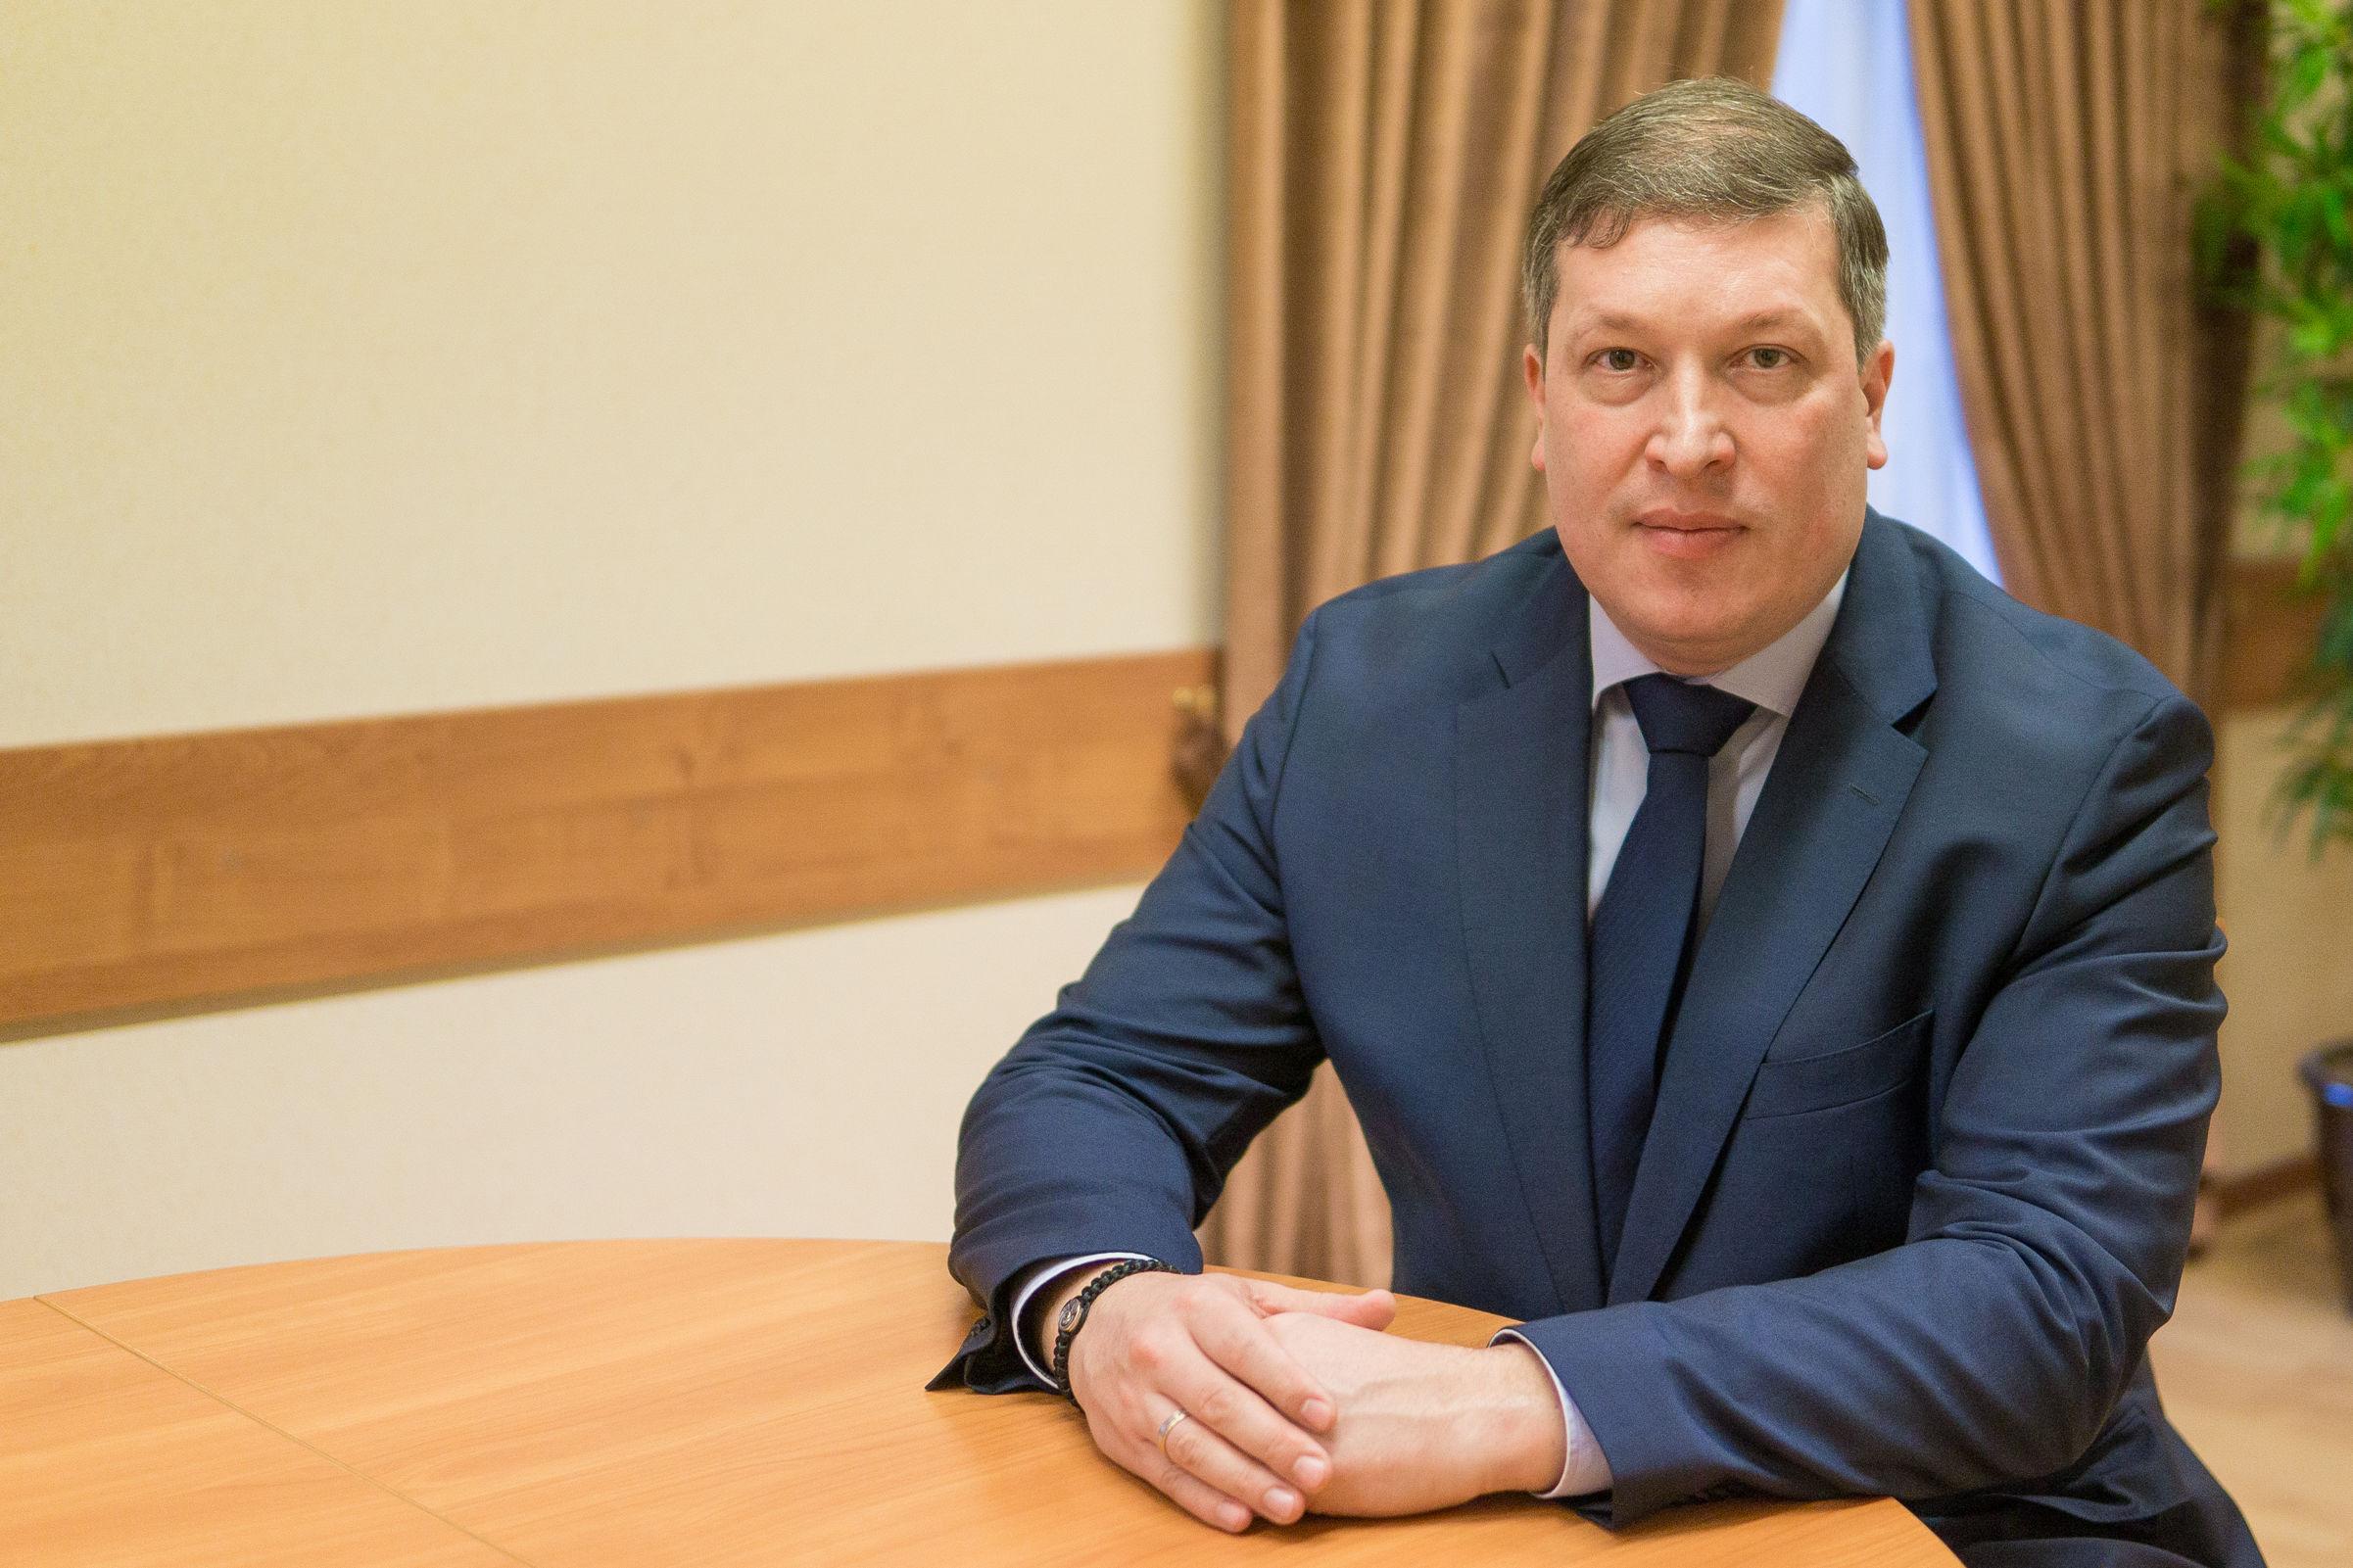 Ярославские власти рассказали, где построят ФОК с бассейном, ДК и новые жилые дома